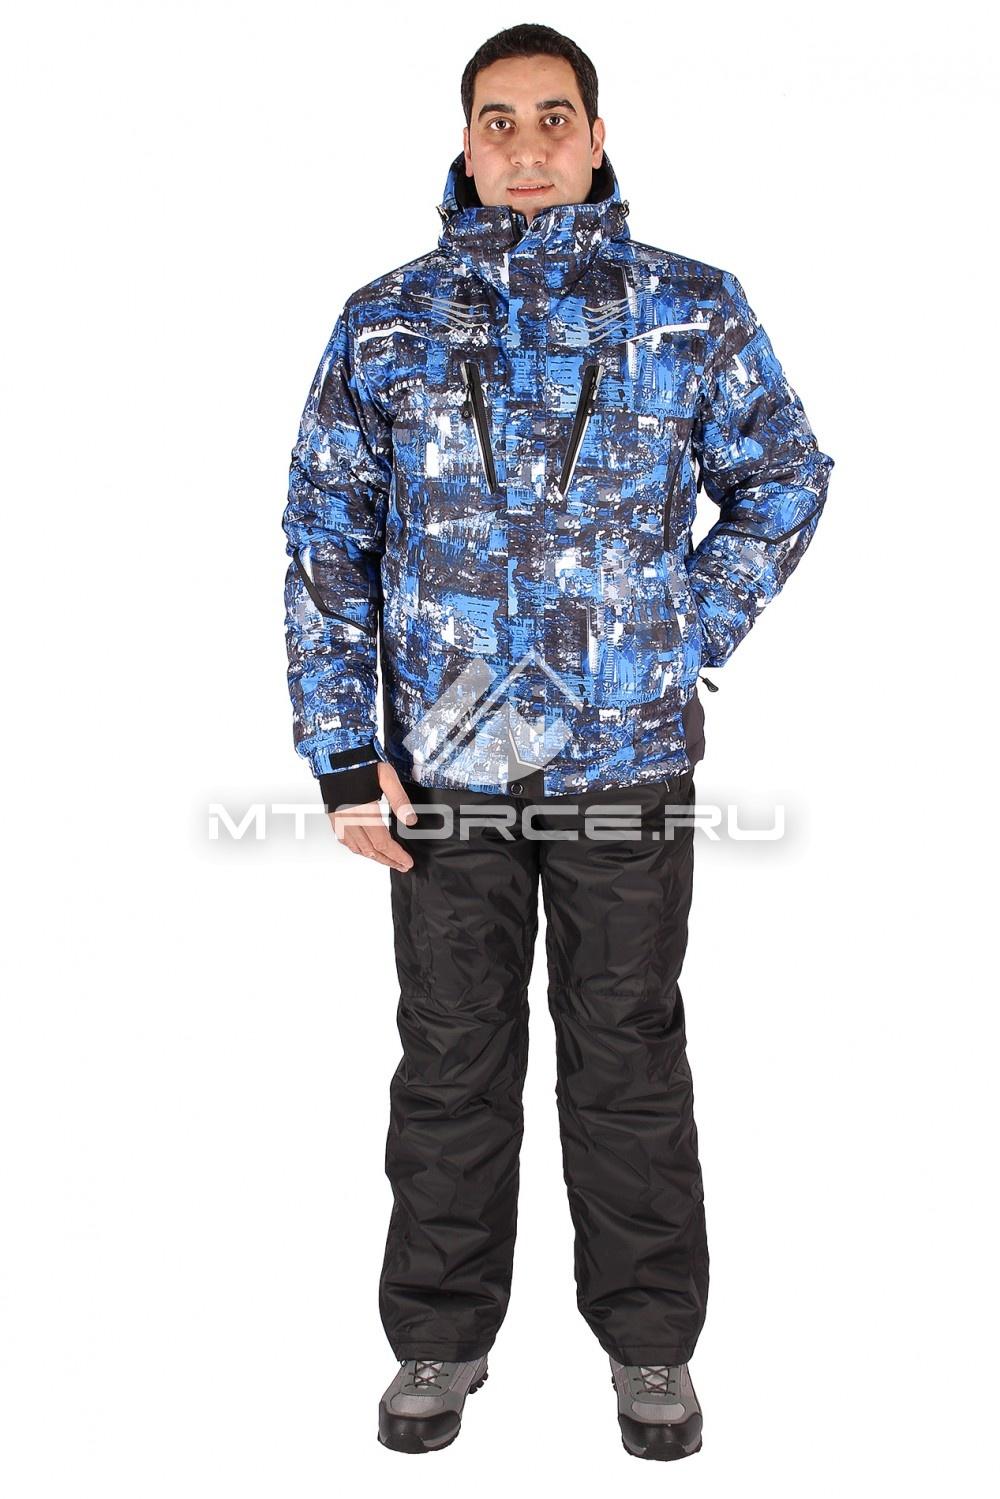 Купить                                  оптом Костюм горнолыжный мужской синего цвета 01551S